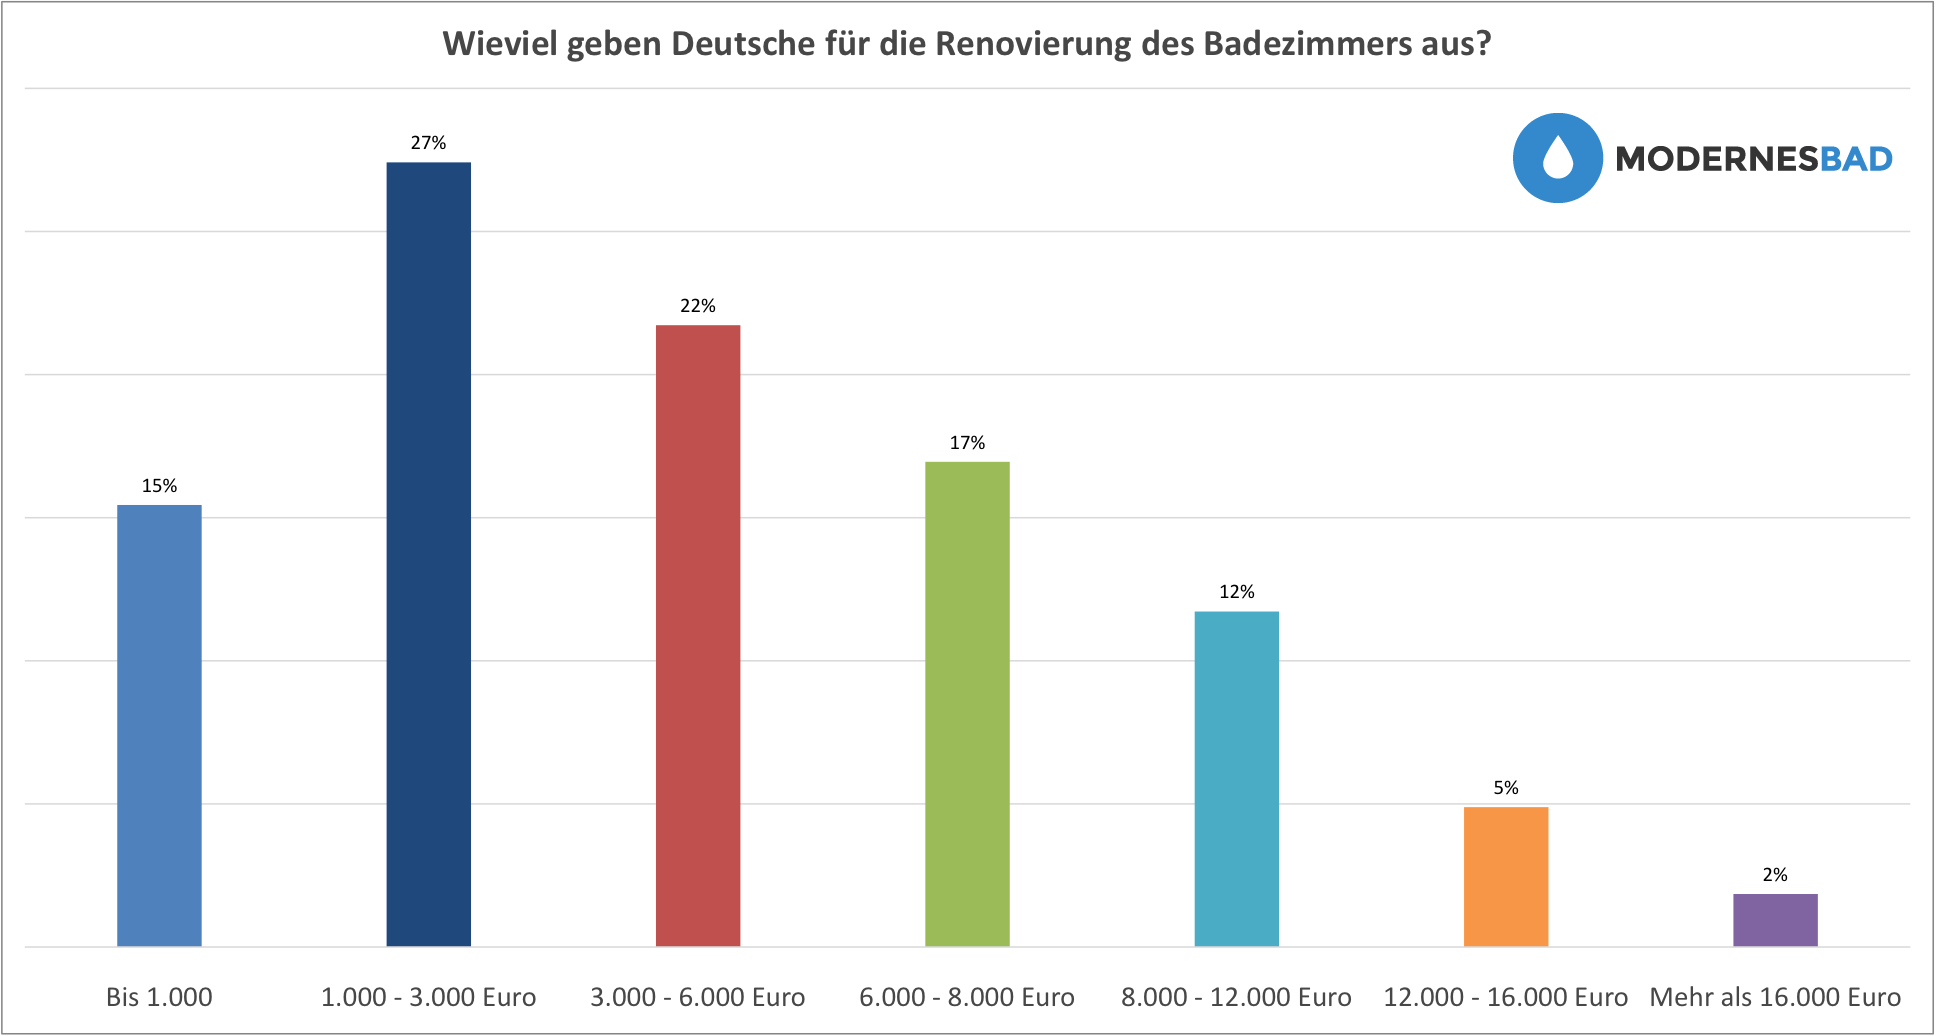 Diesen Betrag geben Deutsche im Durchschnitt für eine Badezimmer-Renovierung aus.